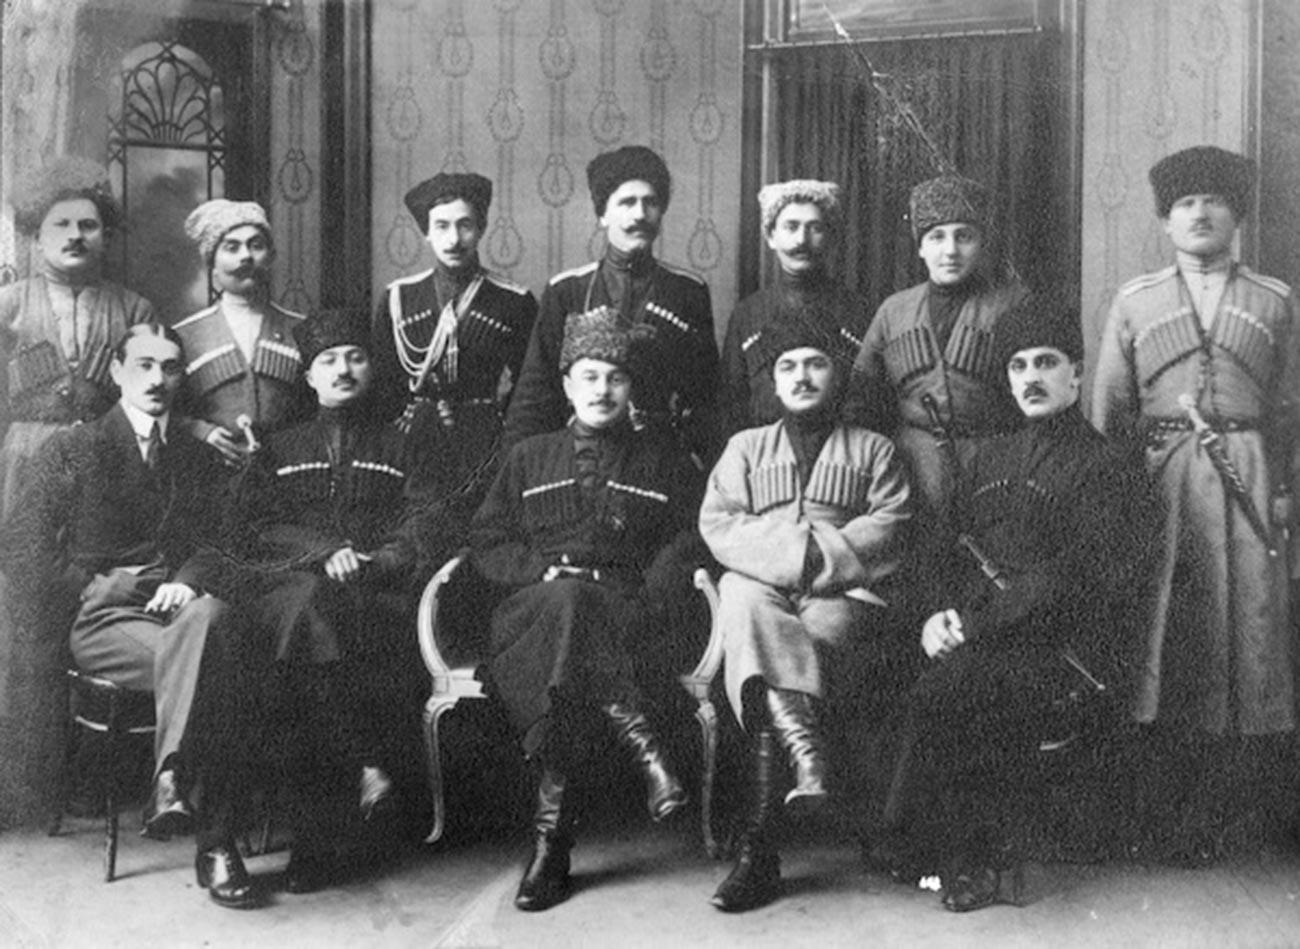 Руководиоци Планинске републике (Републике савеза народа Северног Кавказа).